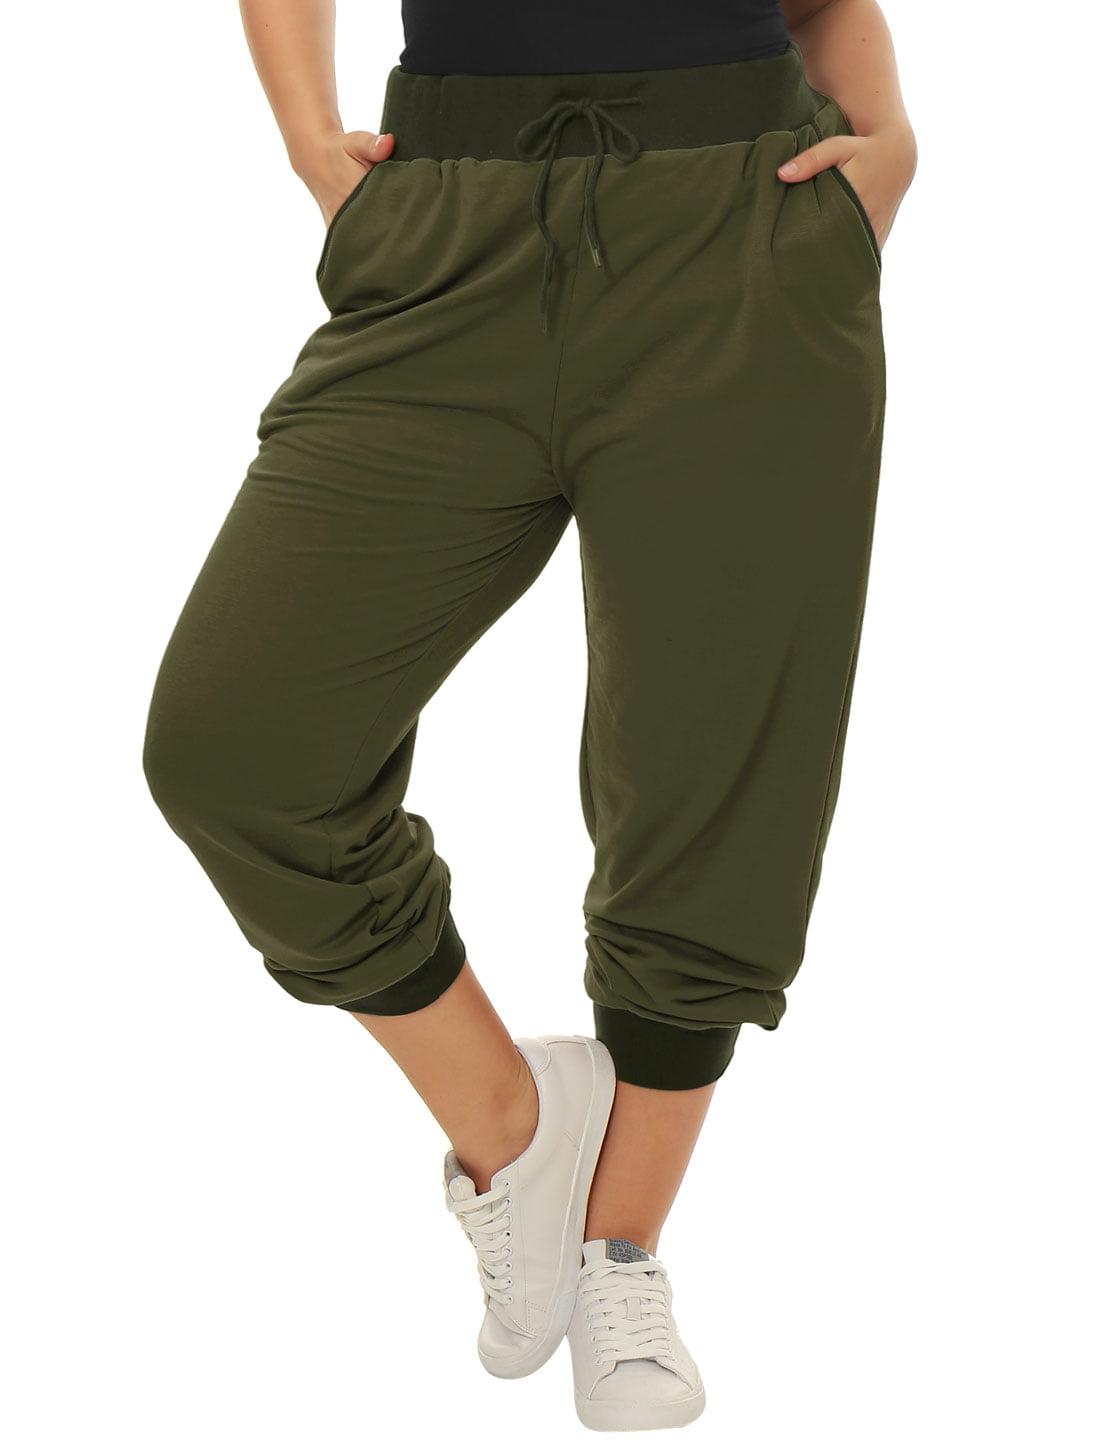 Unique Bargains Women's Plus Size Contrast Color Drawstring Waist Jogger Pants